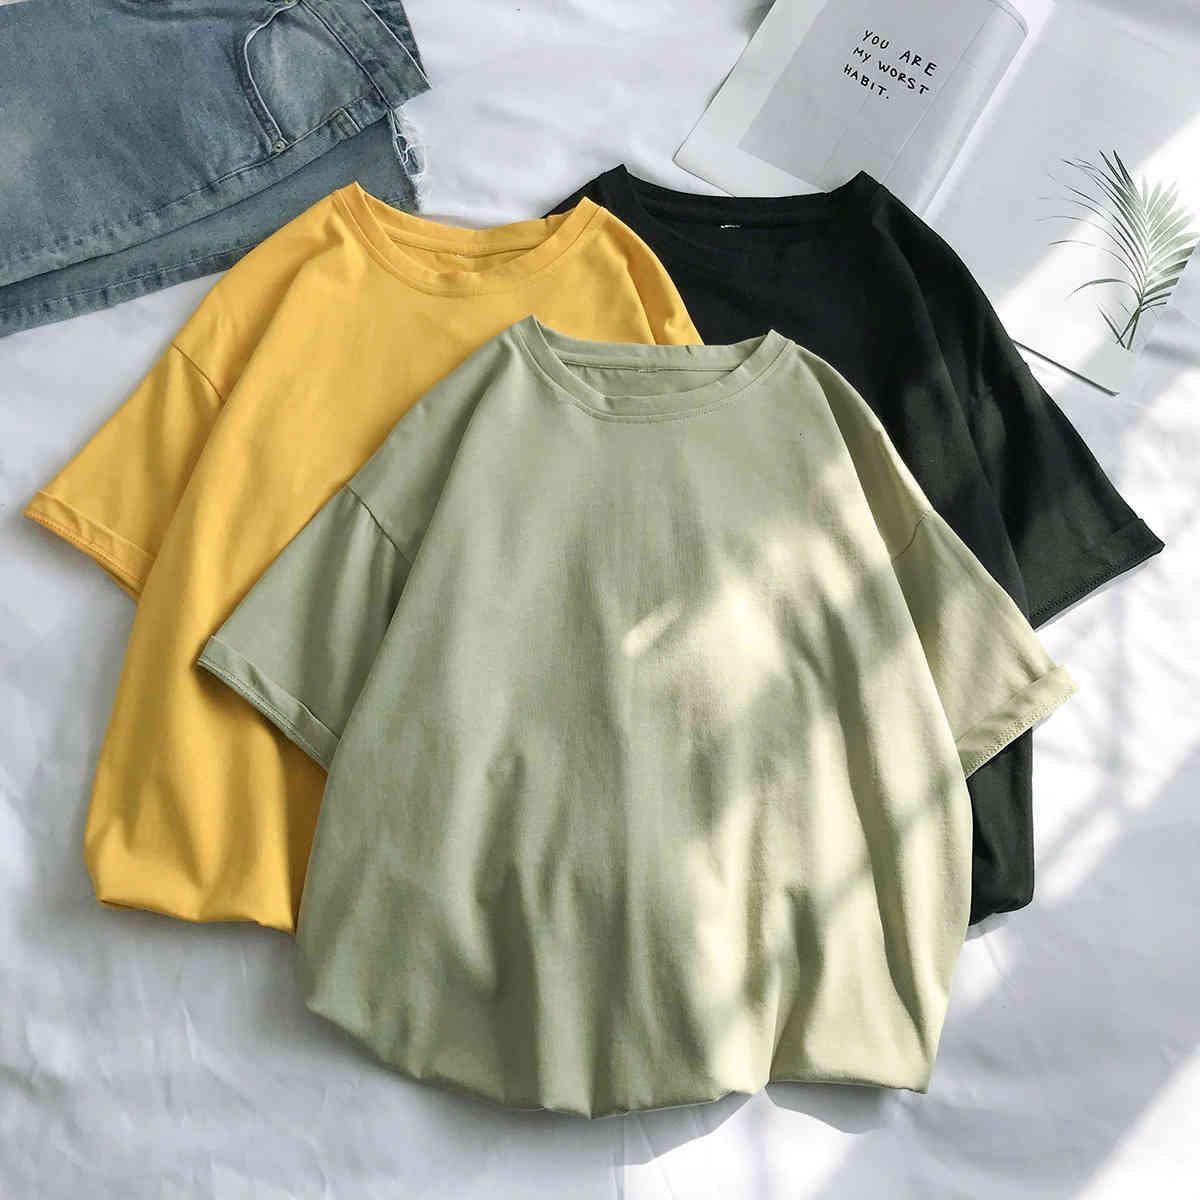 T-shirt Summer Casual Coton Loose Coton Solide Color Couleur Né Homme À manches courtes T-shirt AtTorsd Pull Fashion